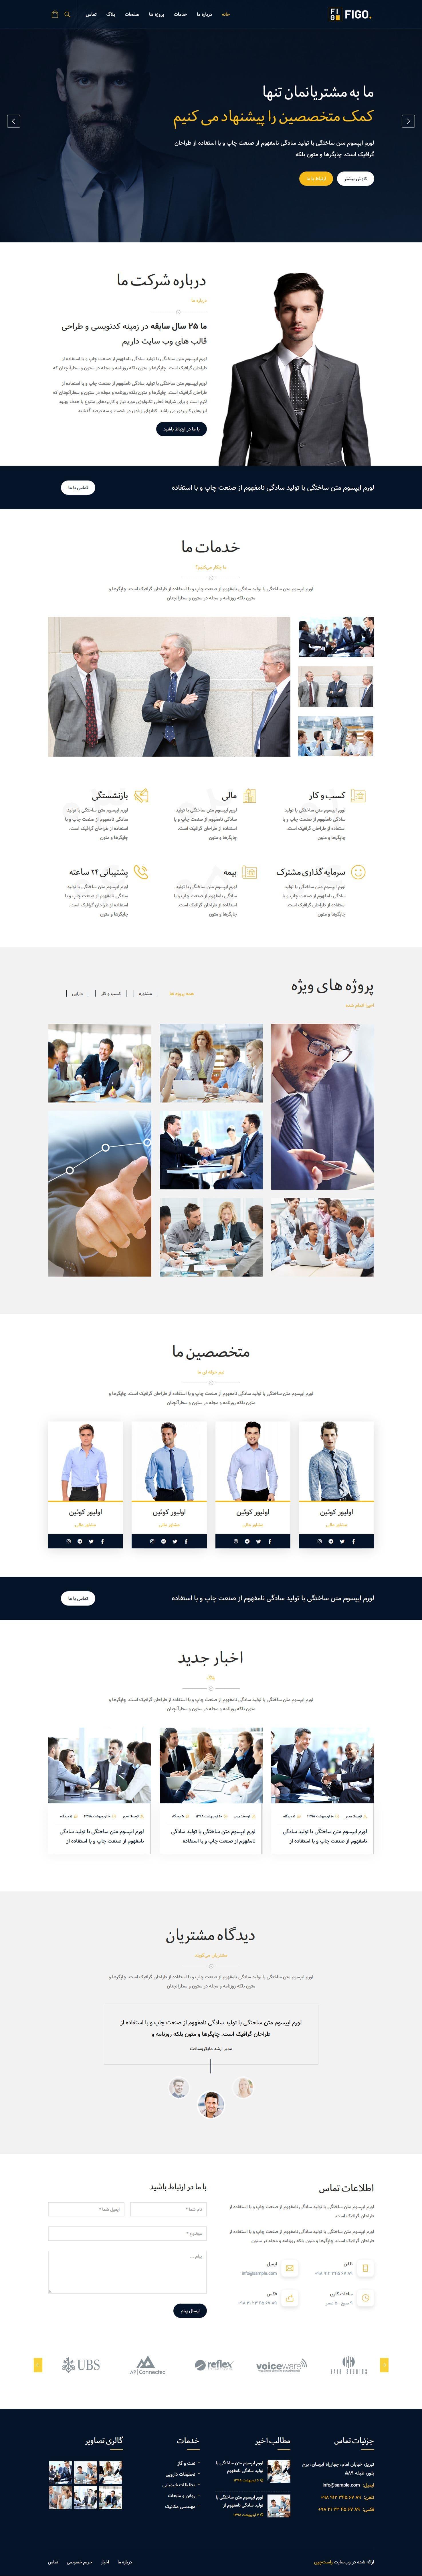 قالب HTML فیگو پوسته سایت شرکتی با 22 صفحه مختلف